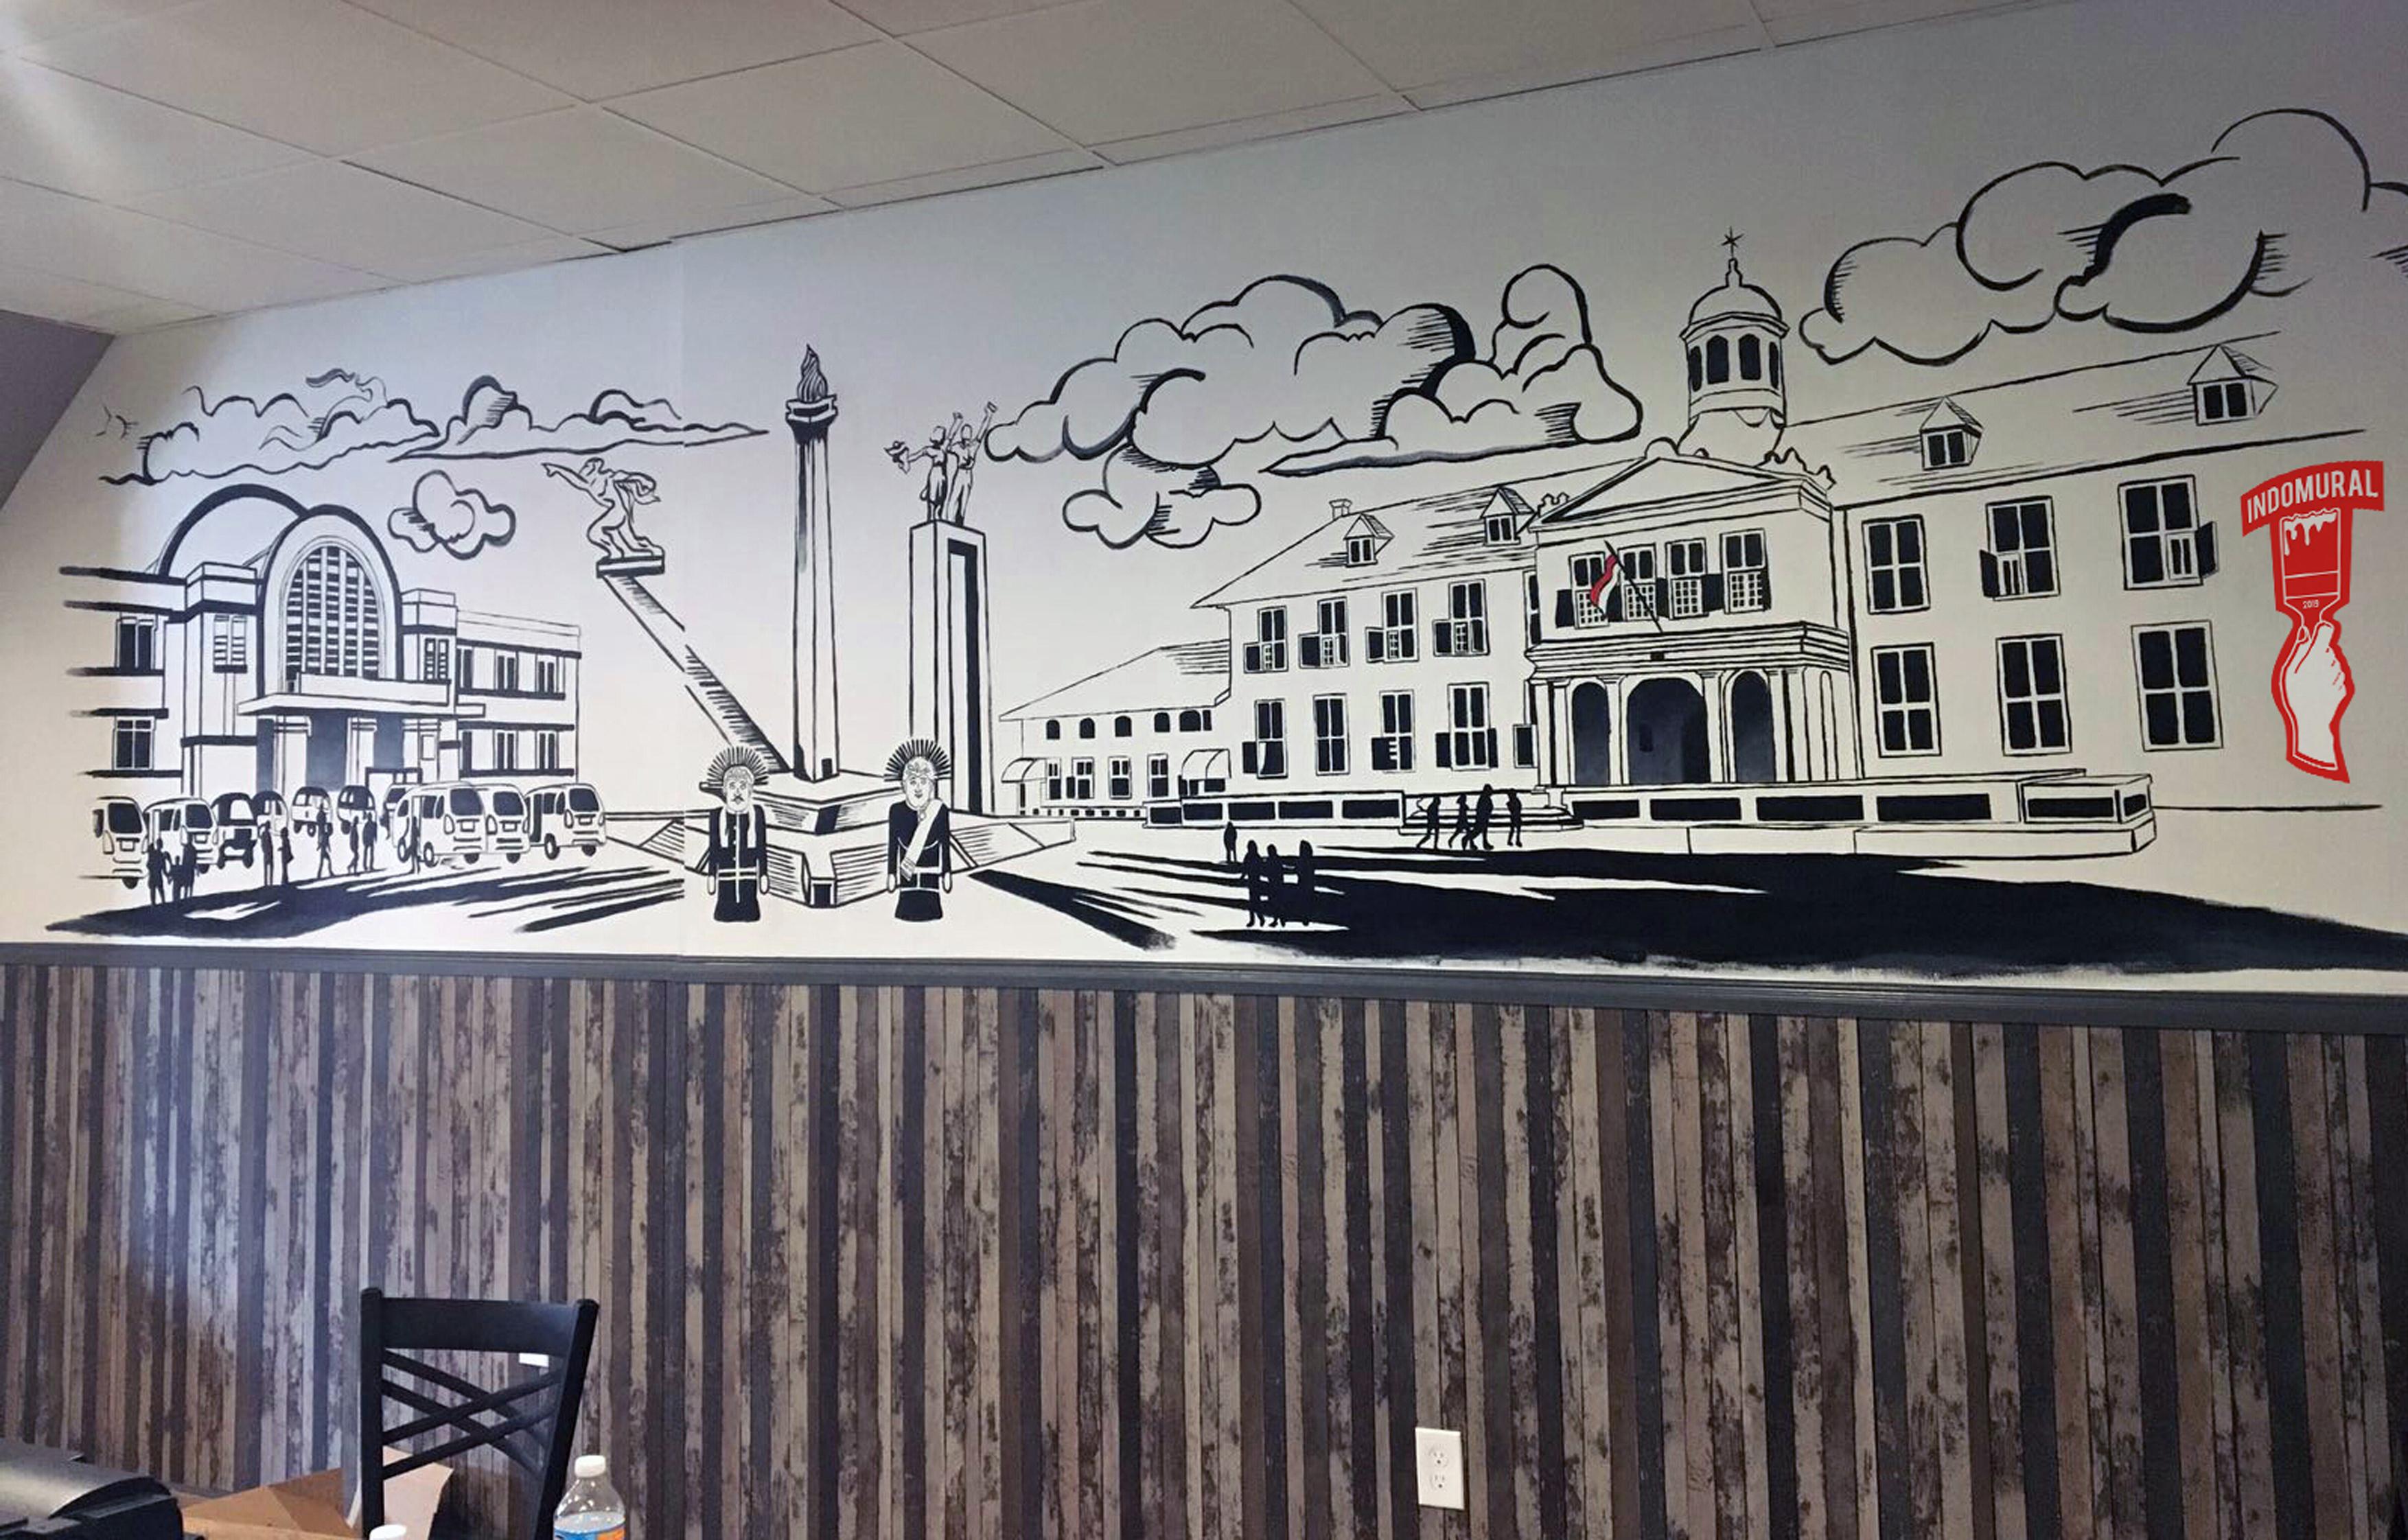 Indomural Jasa Lukis Dinding Indonesia Mural Profesional Lukis Mural Mural Cafe Mural Graffiti Mural 3d Trick Art Mural Wallpaper Mural Schol Mural Quotes